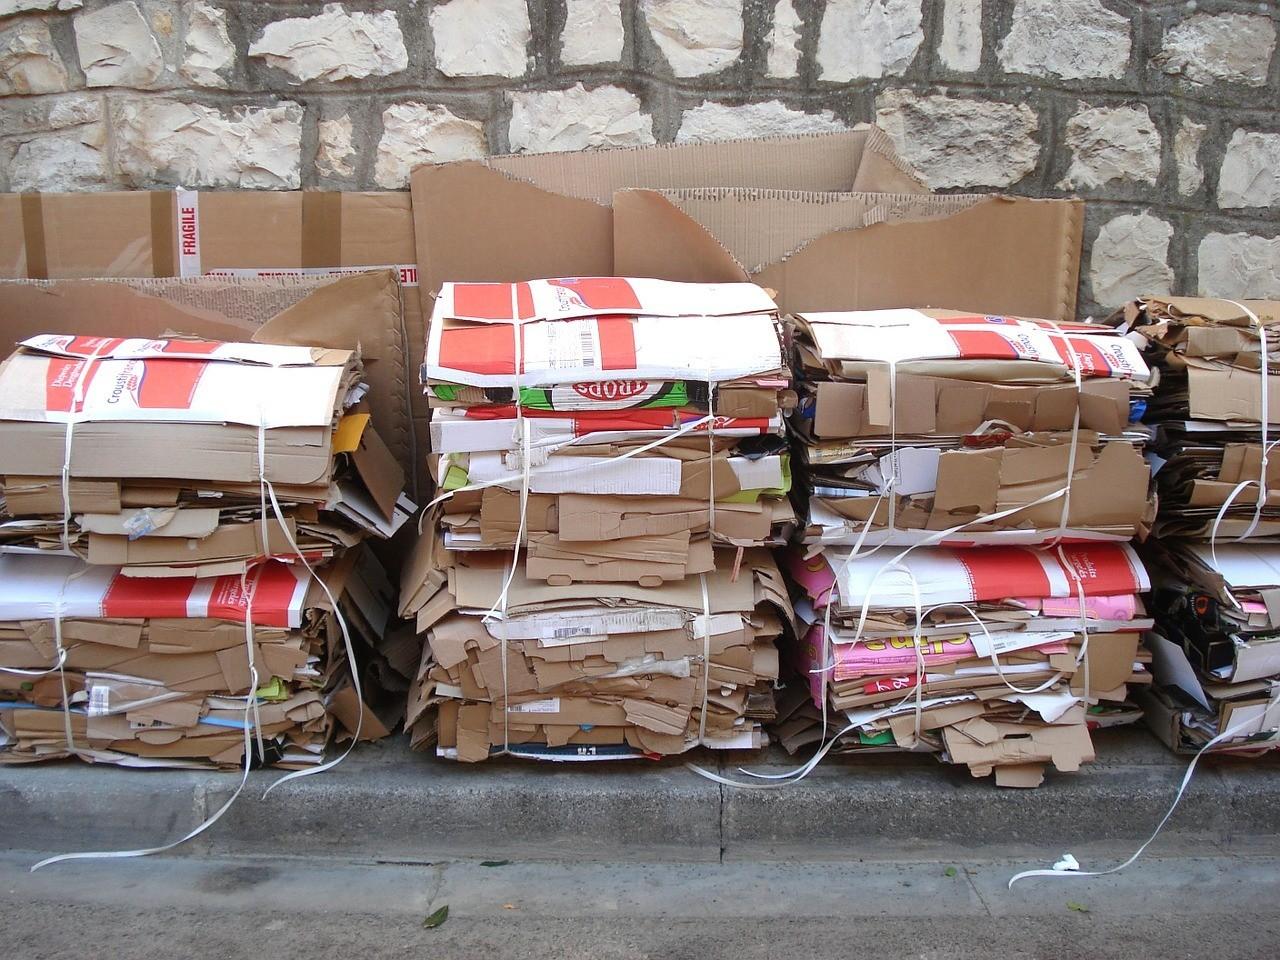 Kartony owinięte sznurkiem, sucha makulatura gotowa do wywiezienia